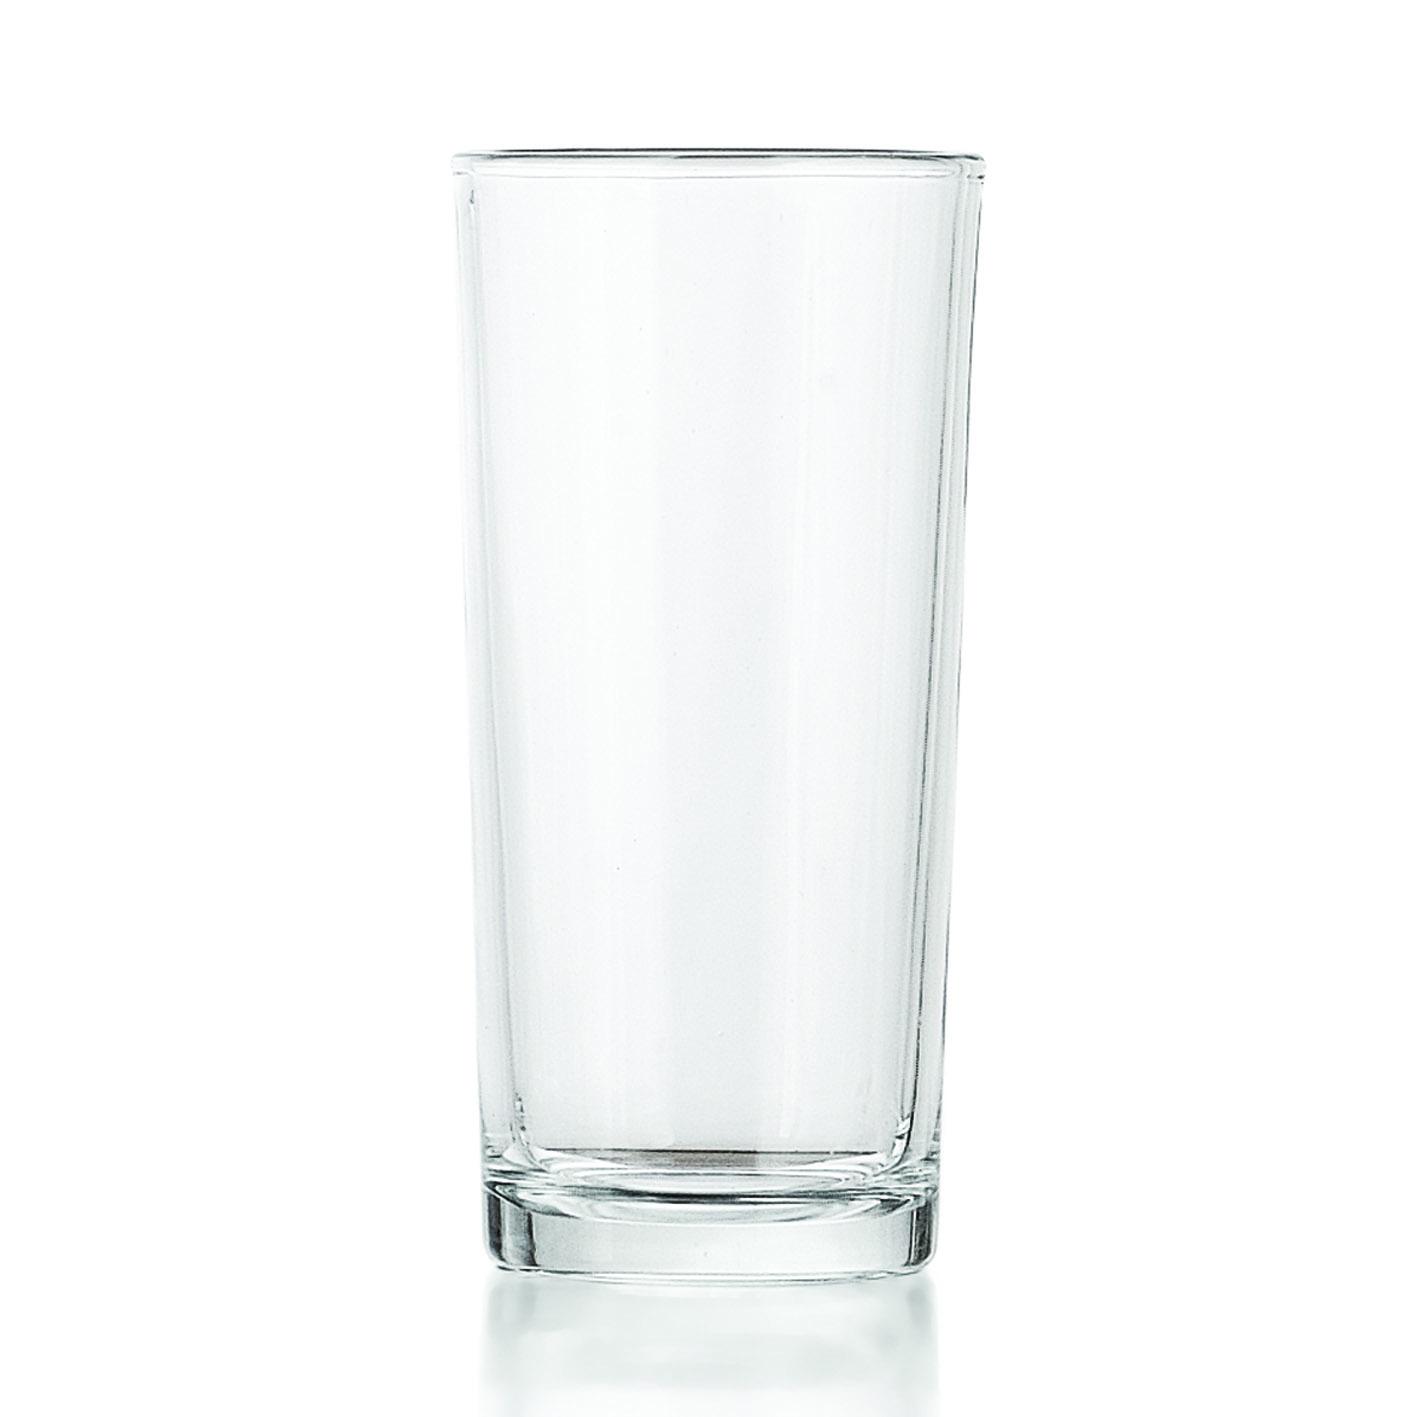 tipos de vasos que se utilizan para servir los diferentes